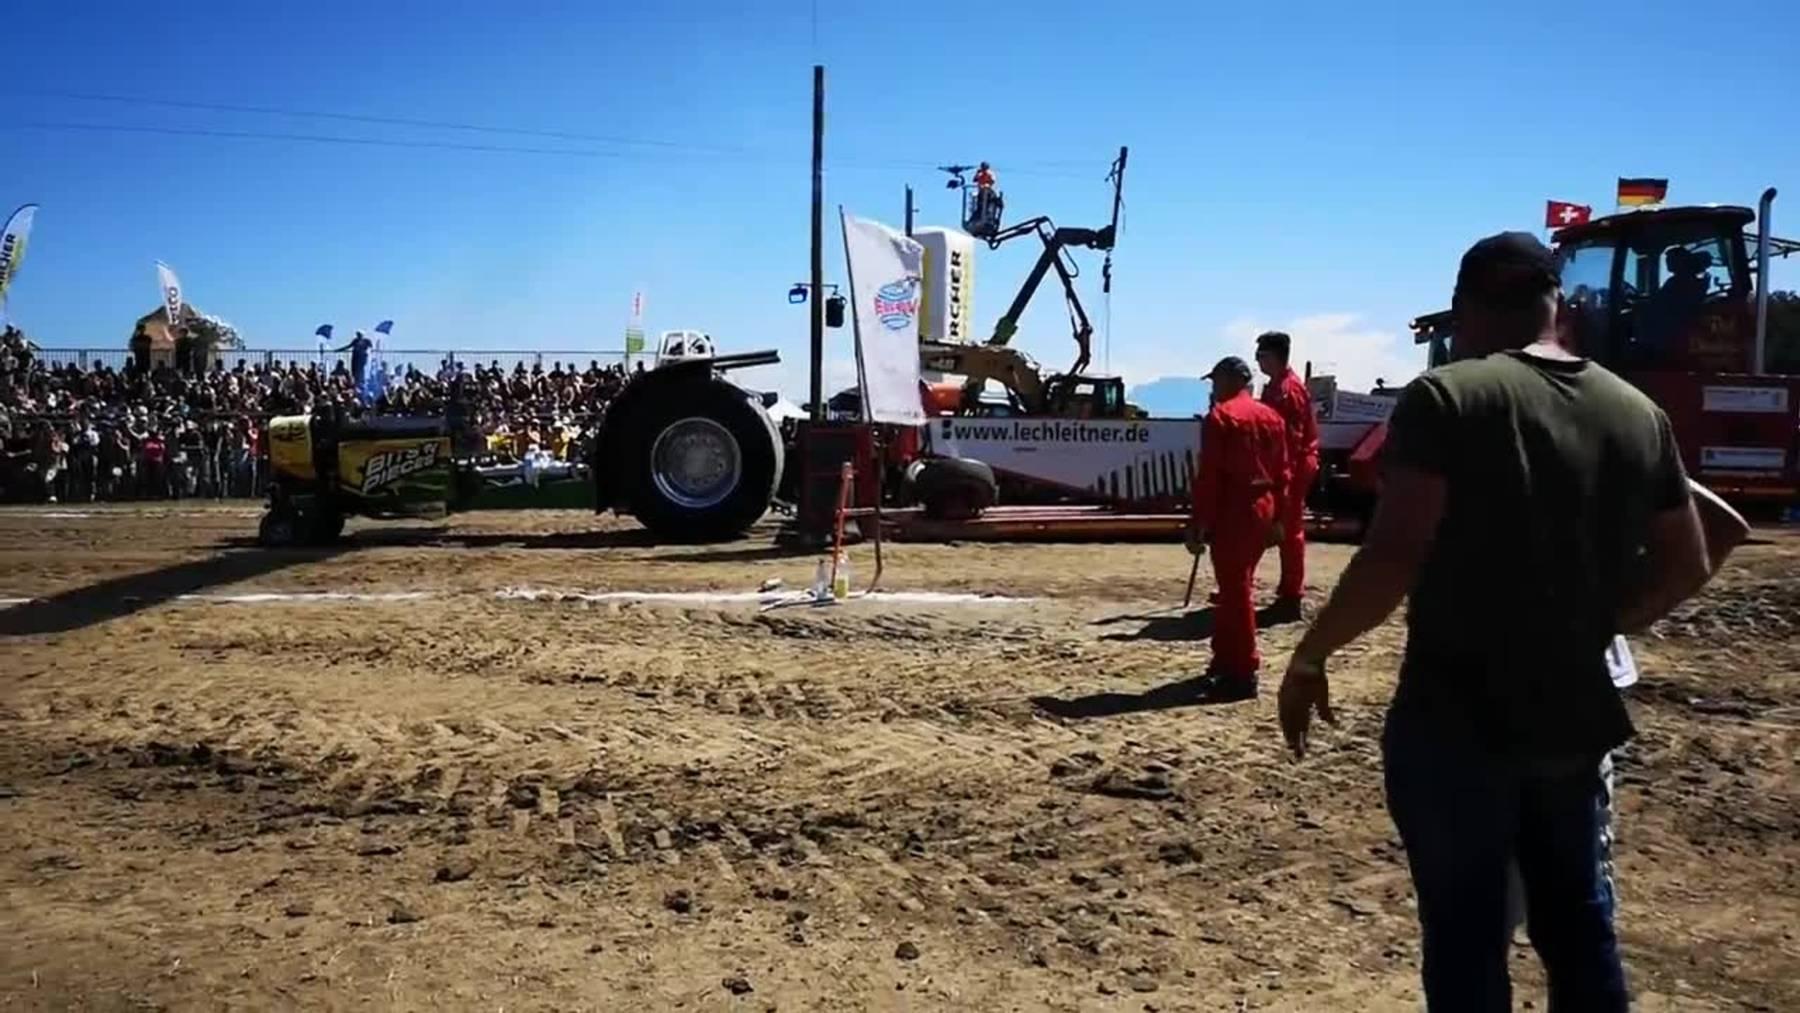 Thumb for ‹Motoren dröhnen und die Erde bebt beim Tractor Pulling in Knutwil›